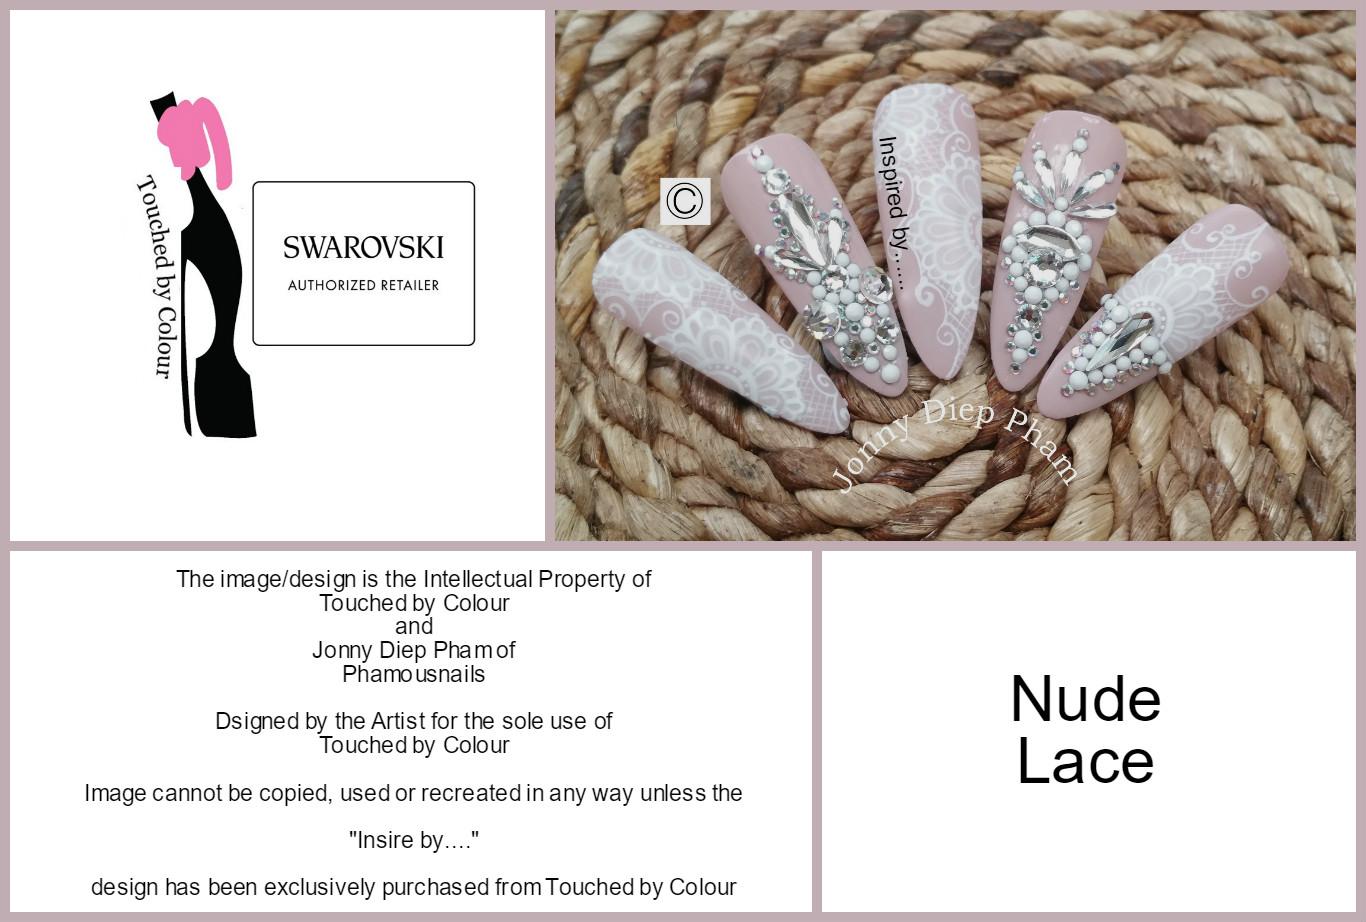 nude lace.jpg